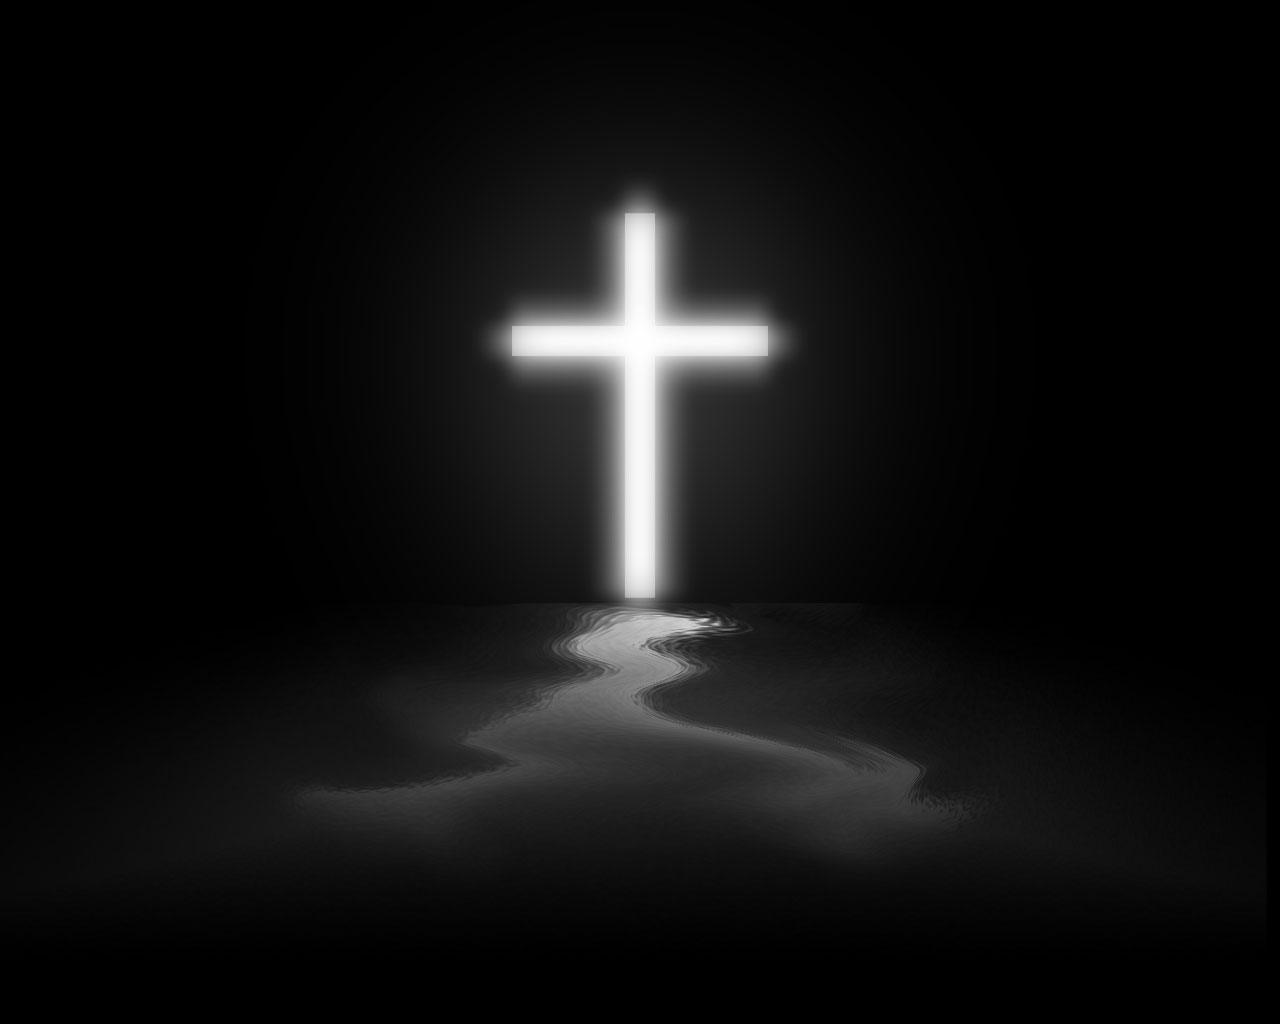 http://2.bp.blogspot.com/-Q8EZVqIpPXE/UC-6YEDnT1I/AAAAAAAAAdA/r7hAM7mys6I/s1600/lone-cross.jpg